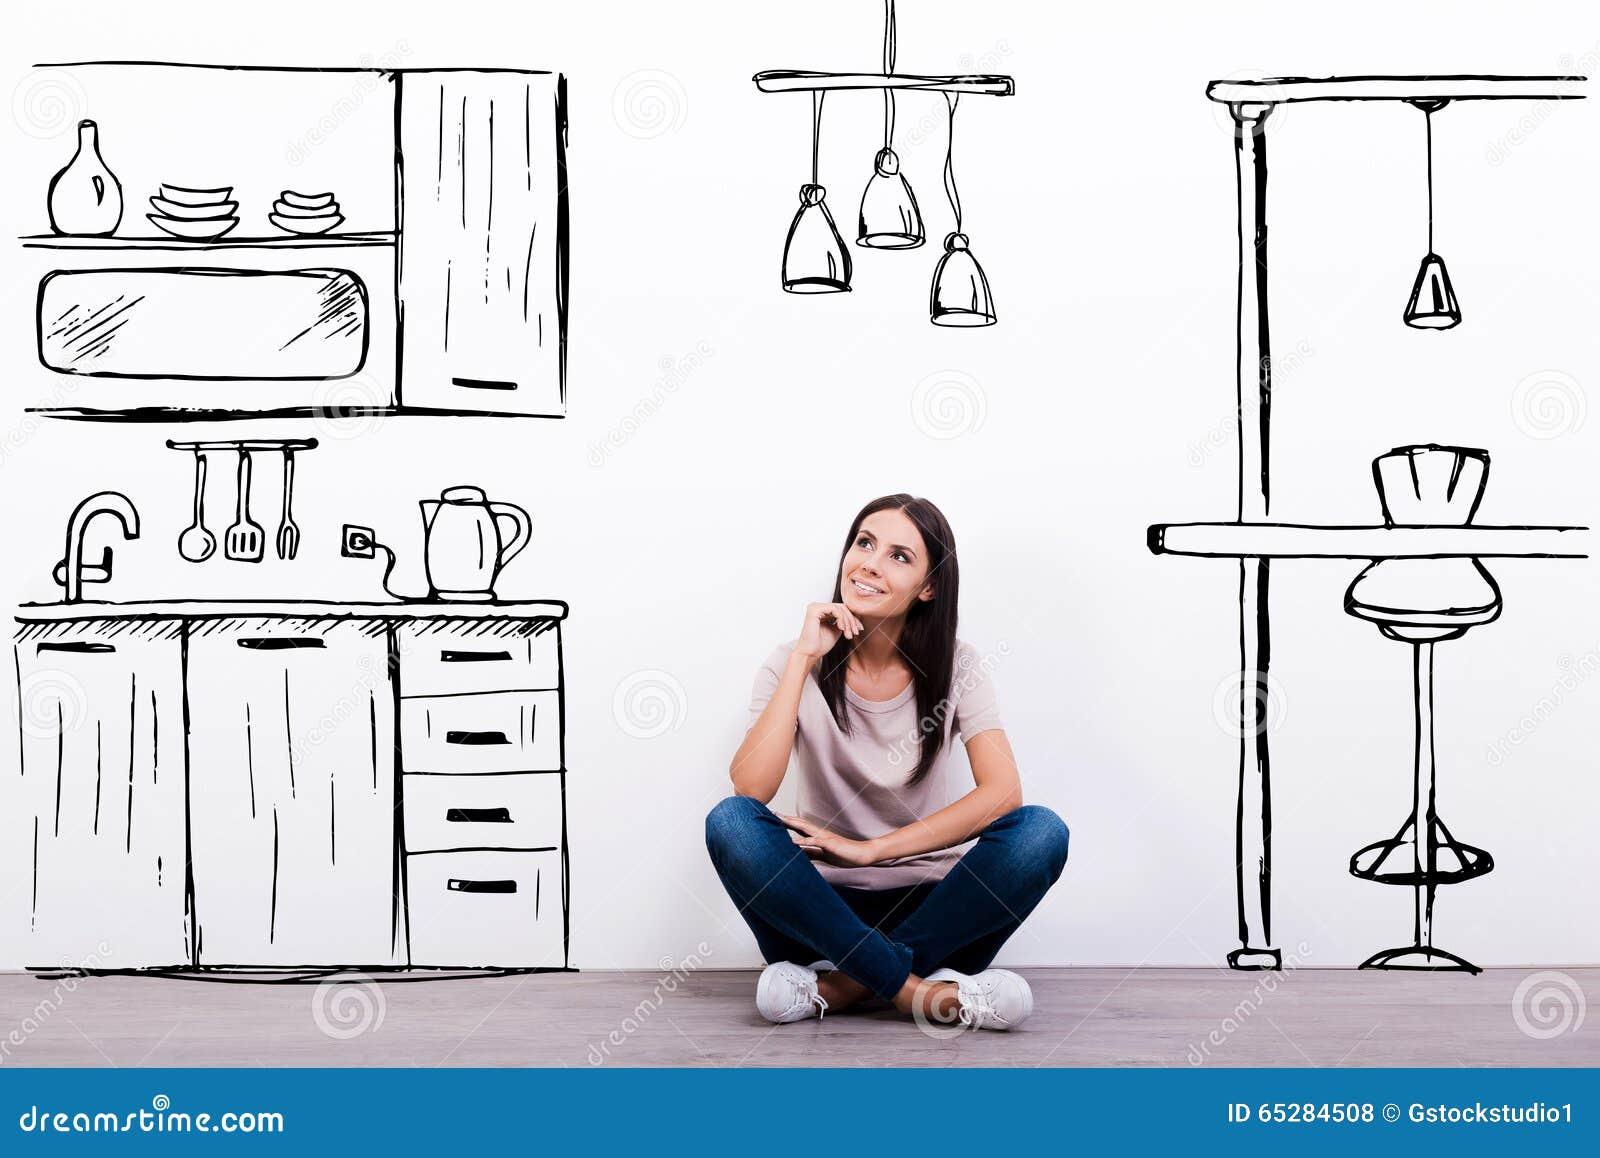 Achtergrond Witte Keuken : ... op de vloer tegen witte achtergrond met ...